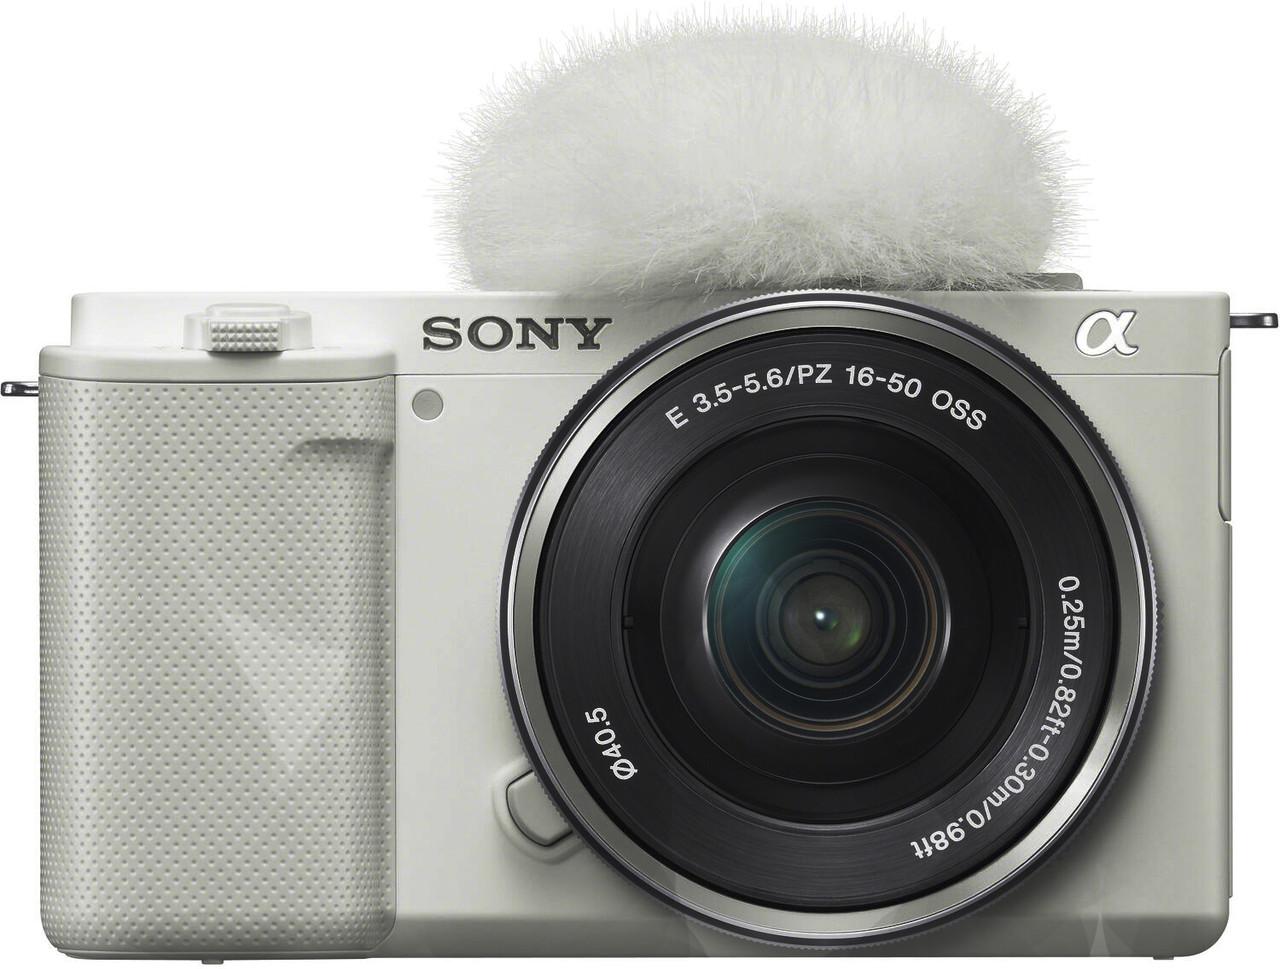 Sony ZV-E10 Interchangeable Lens Vlog Camera with E PZ 16-50mm f/3.5-5.6 OSS Lens (White)